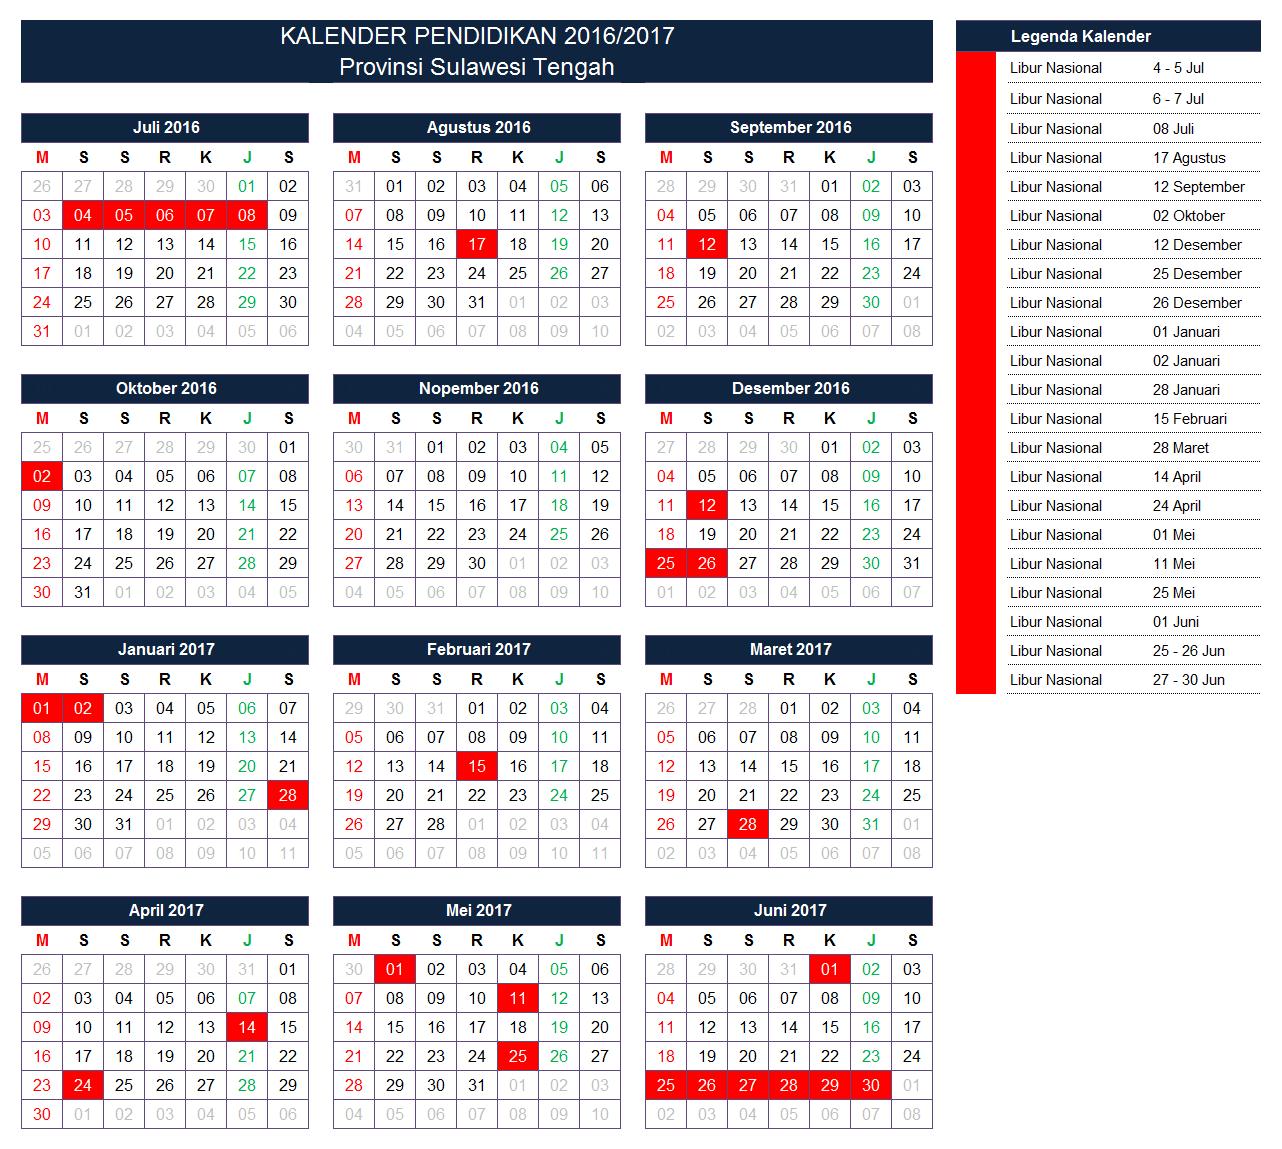 Kalender Pendidikan Provinsi Sulawesi Tengah